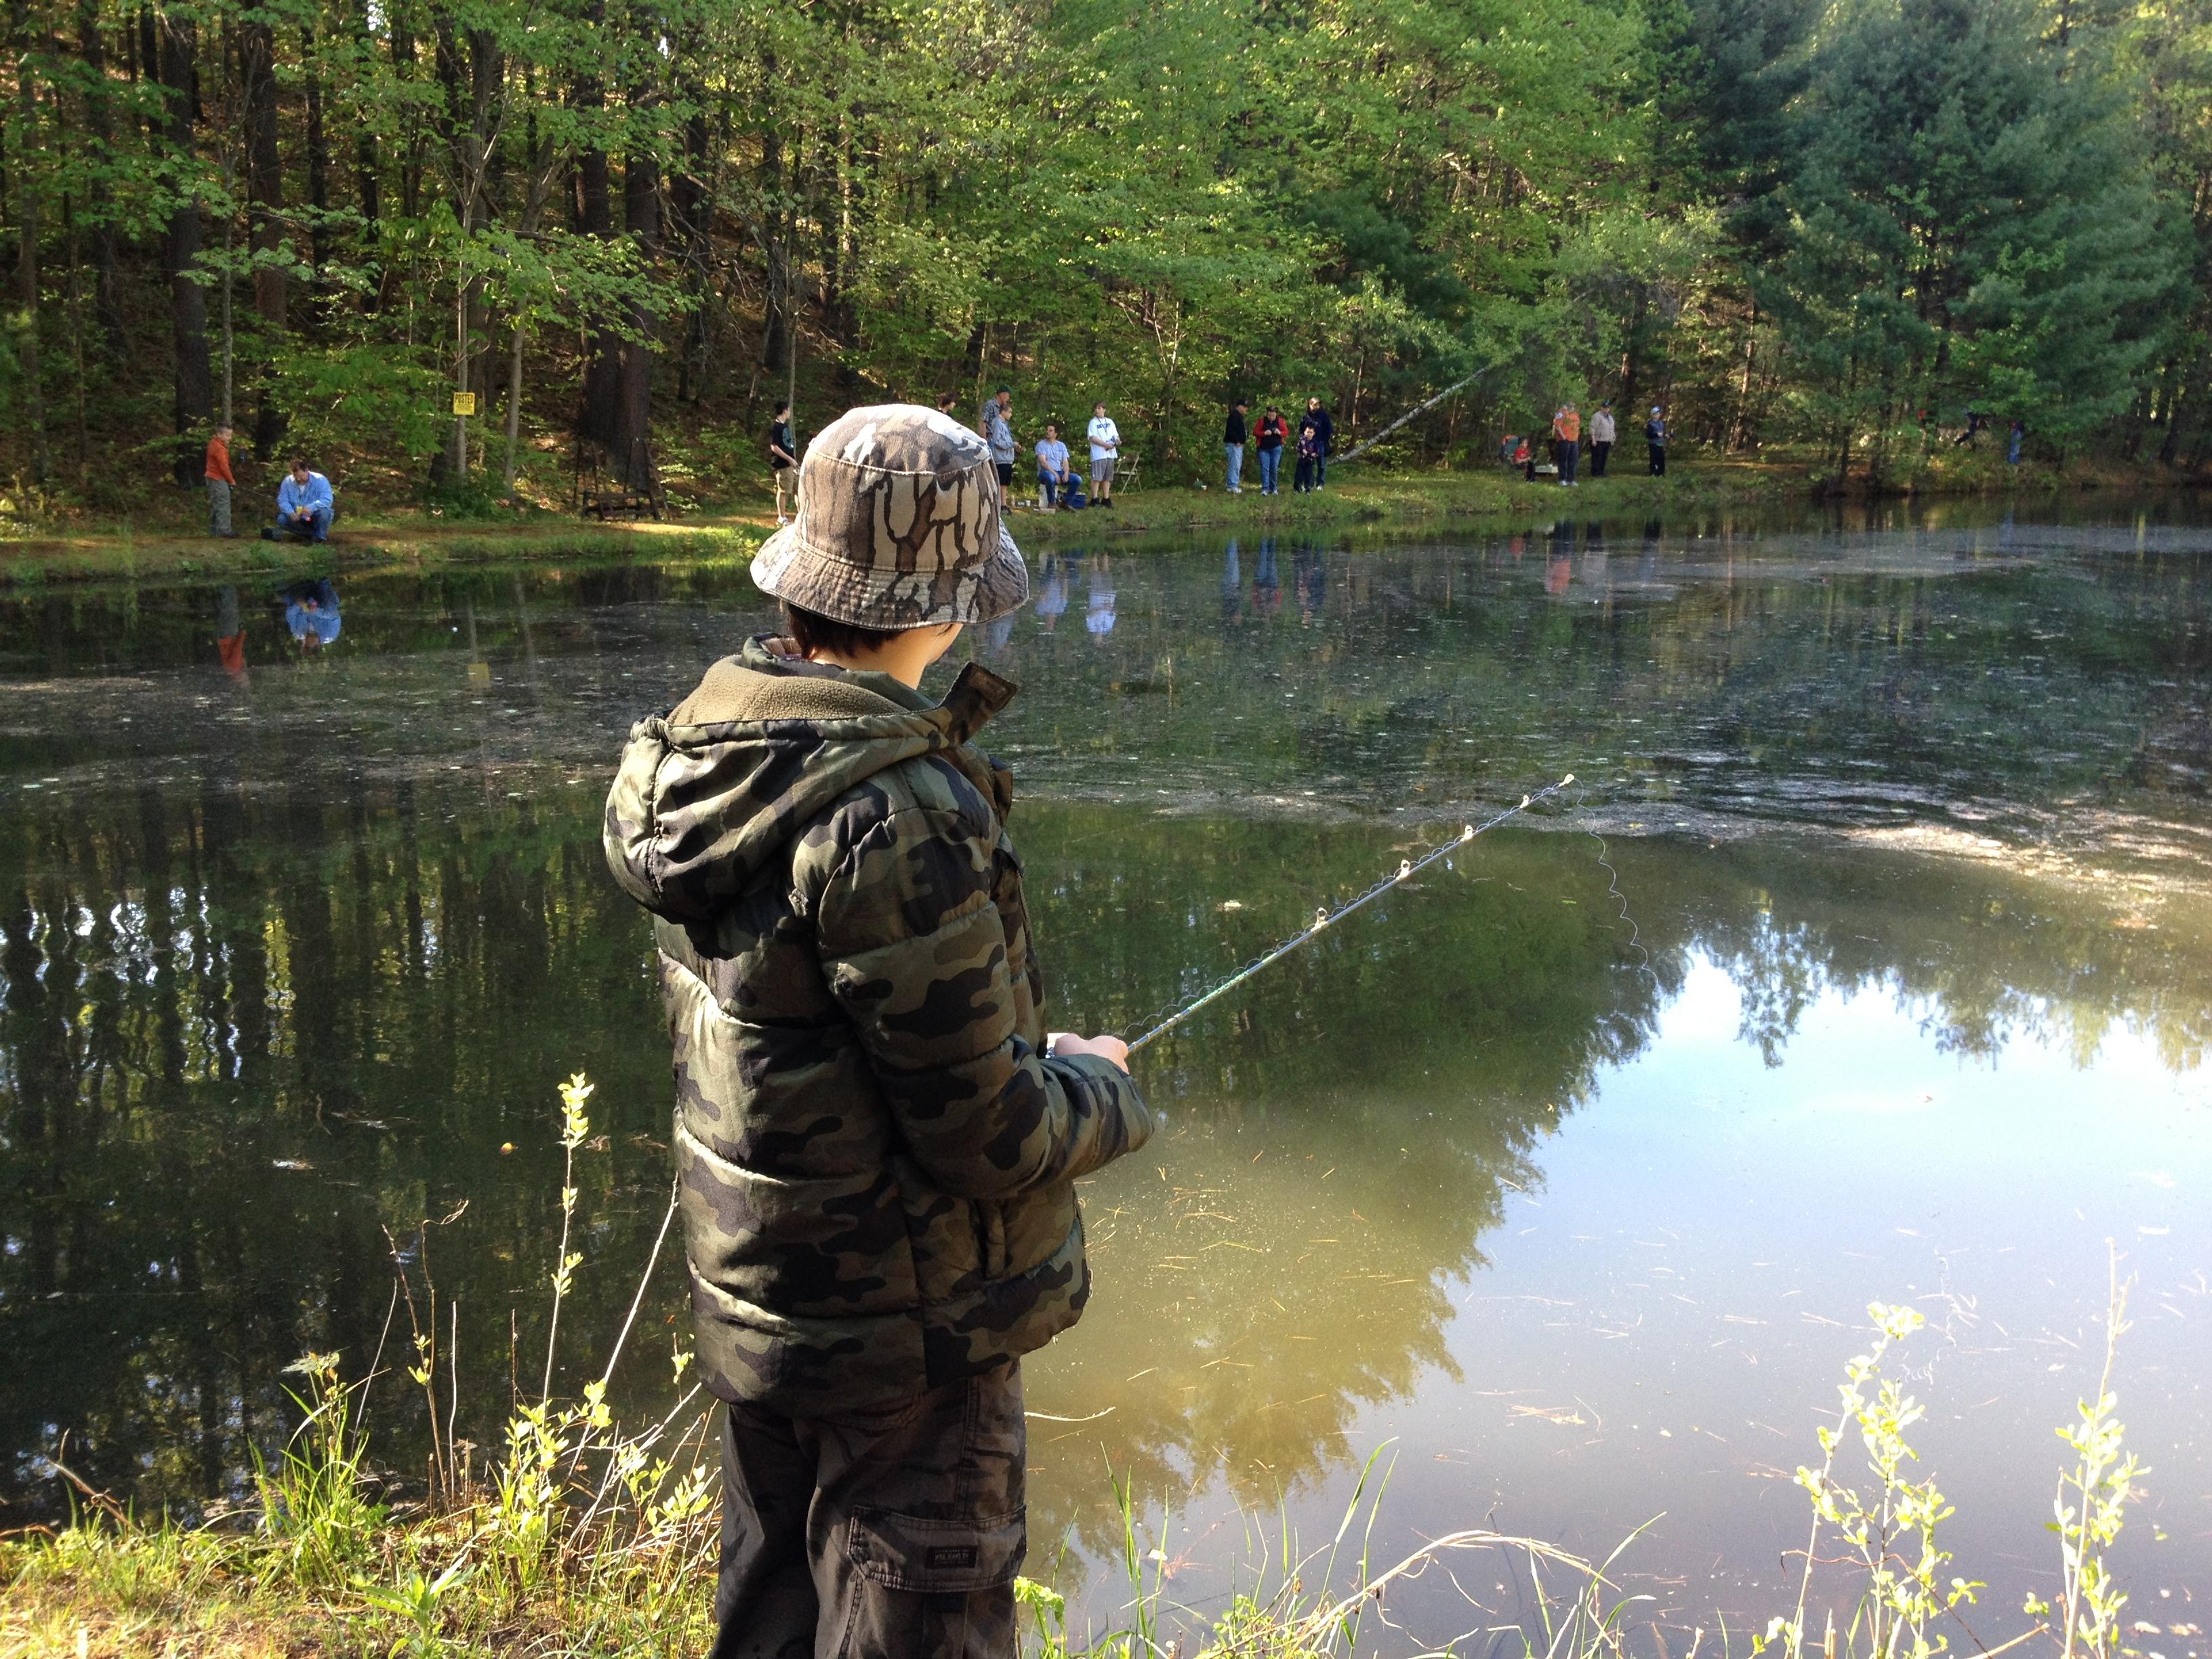 My son, Teddy, fishing.